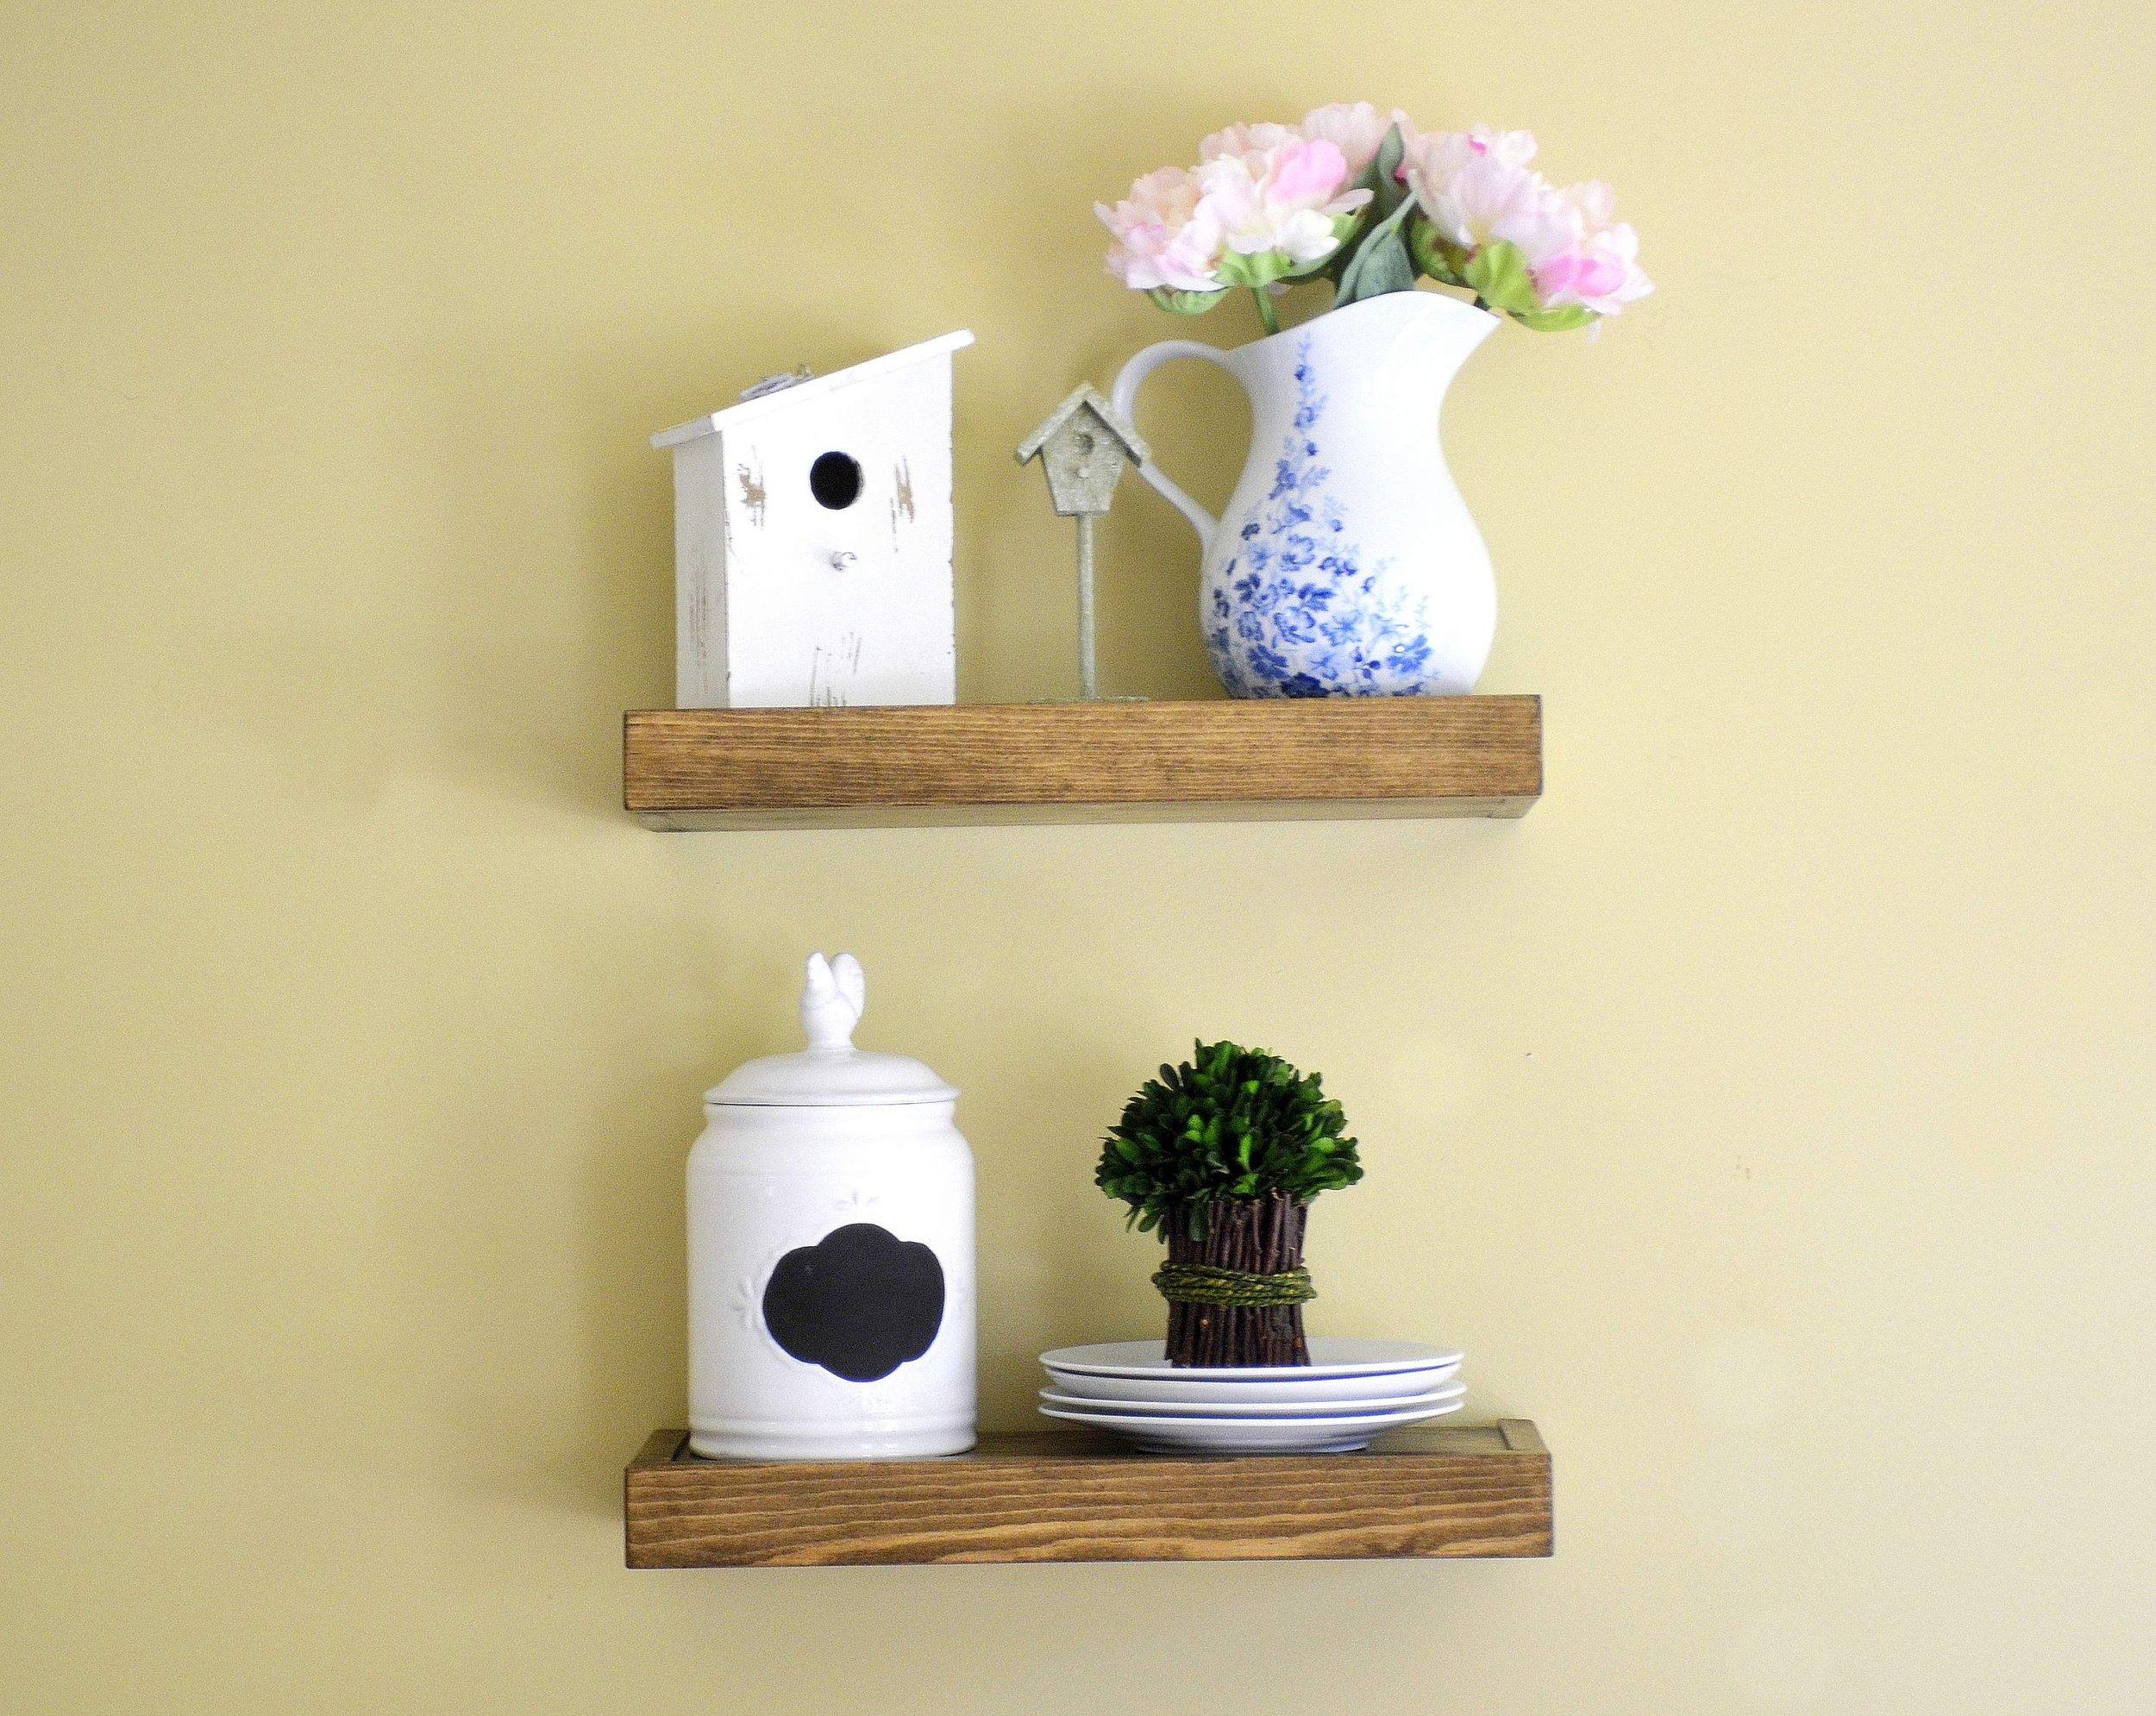 Wood Shelves.jpg